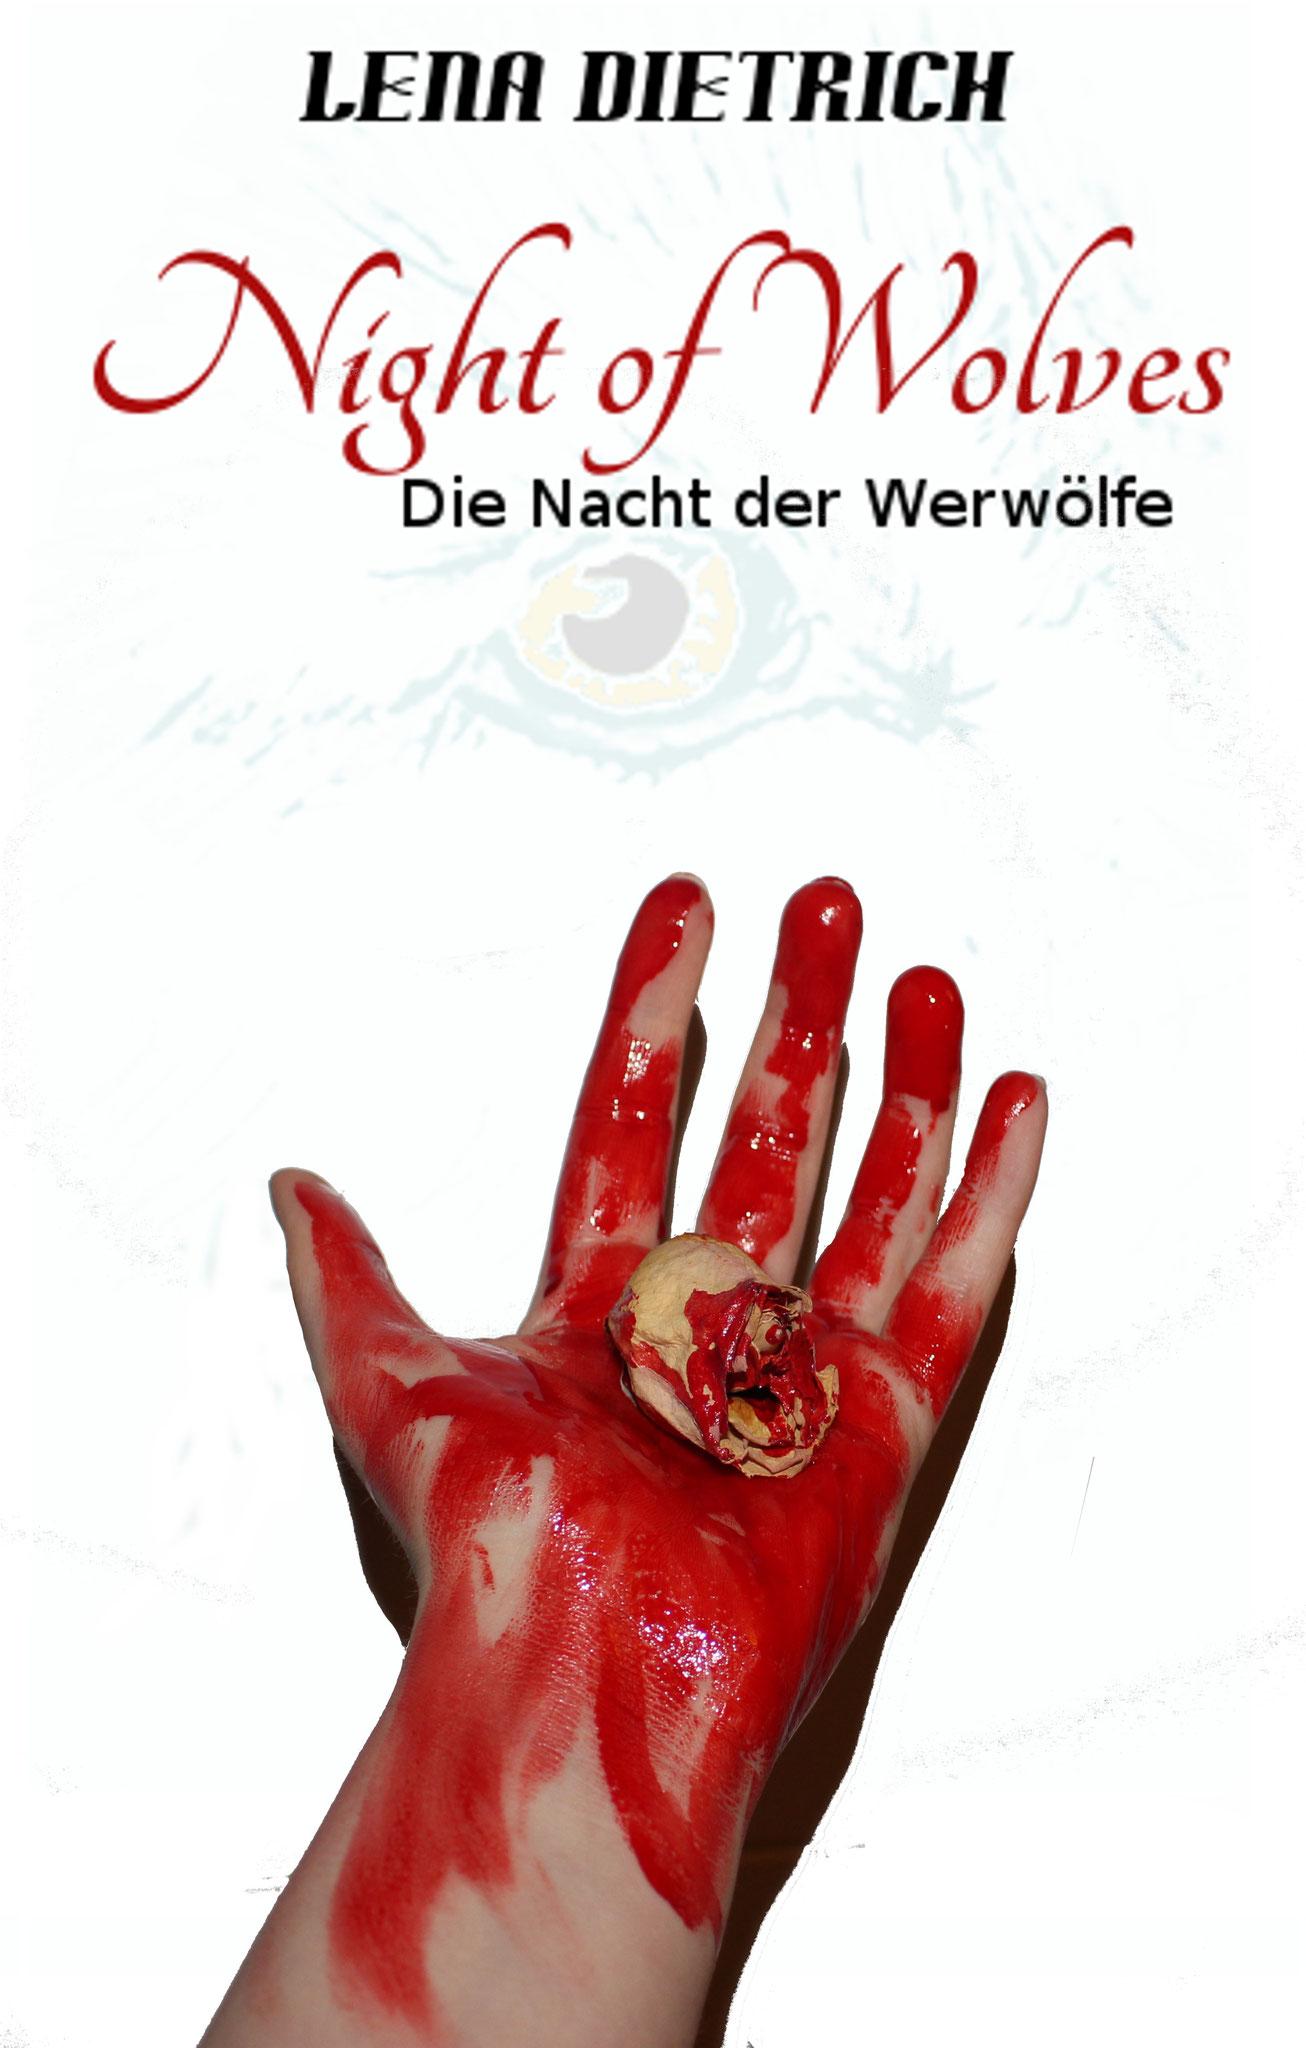 Night of Wolves - Die Nacht der Werwölfe